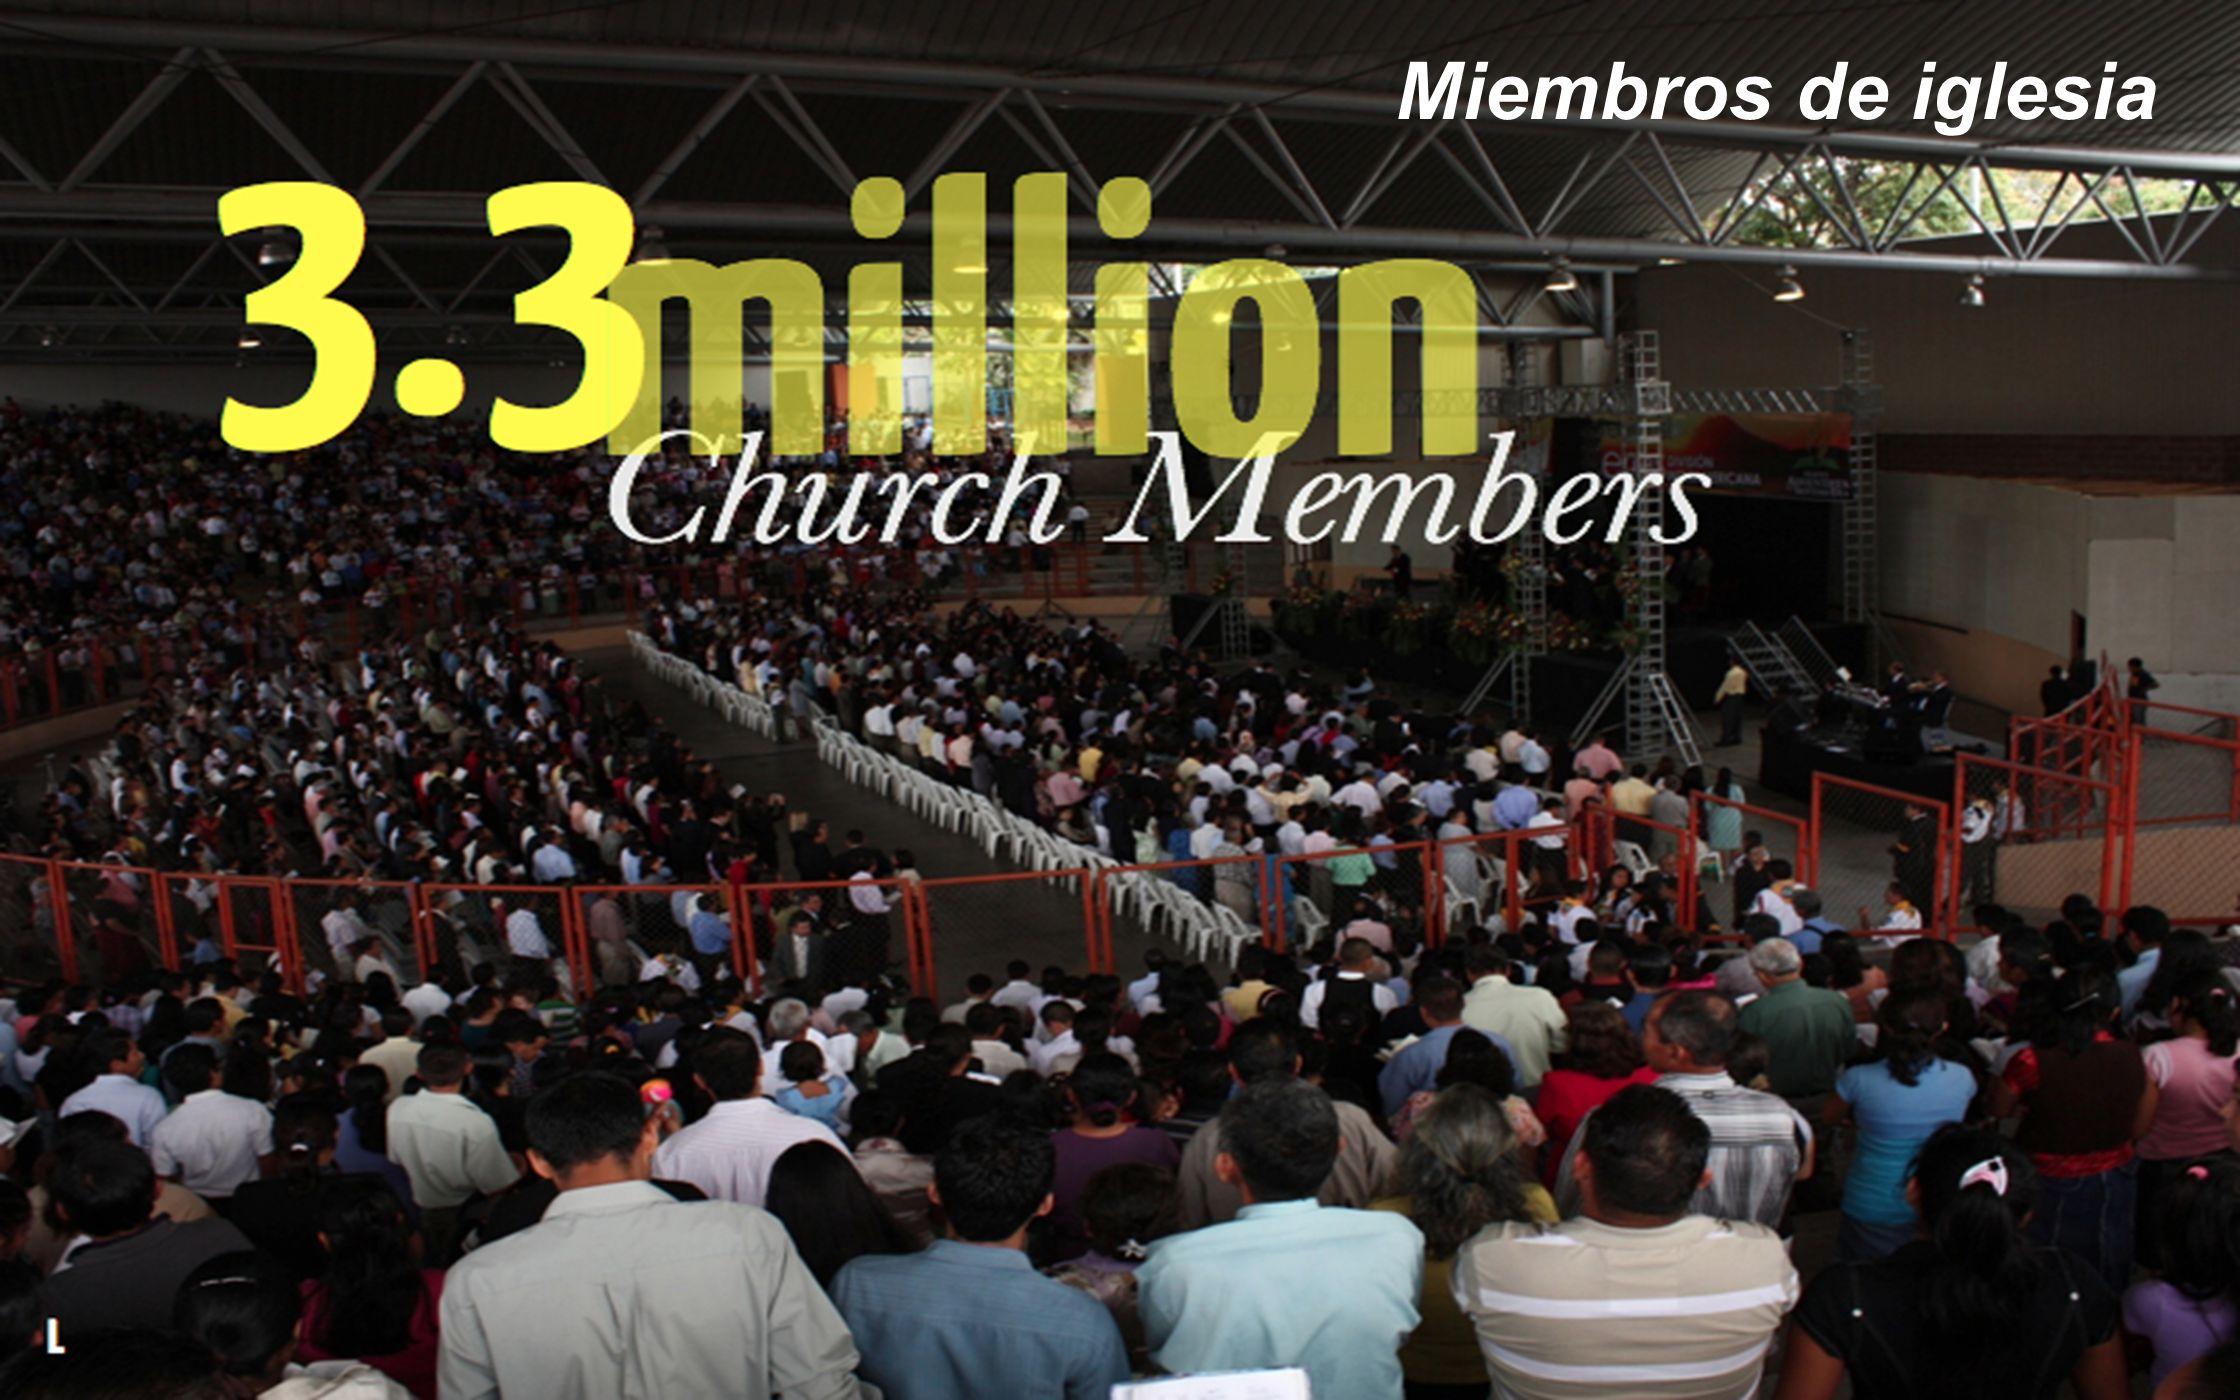 Miembros de iglesia